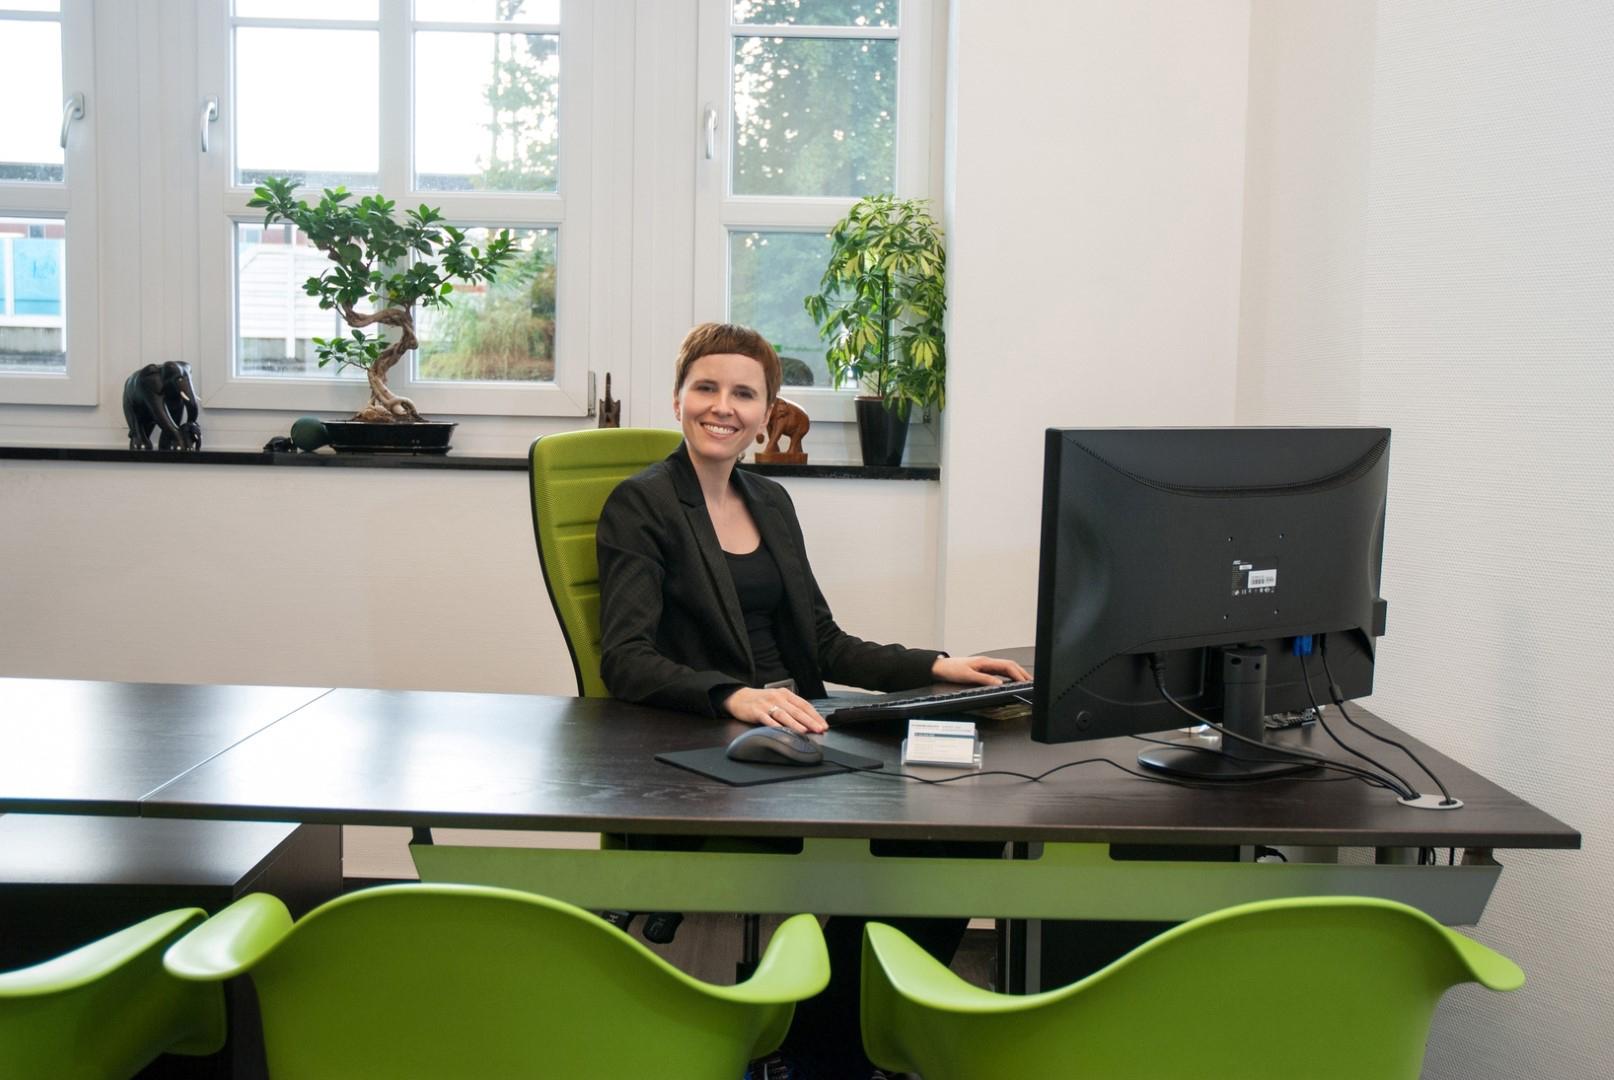 Das Bild zeigt Dr. med. A. Vloet, Fachärztin für Kinder- und Jugendpsychiatrie und -psychotherapie an ihrem Schreibtisch